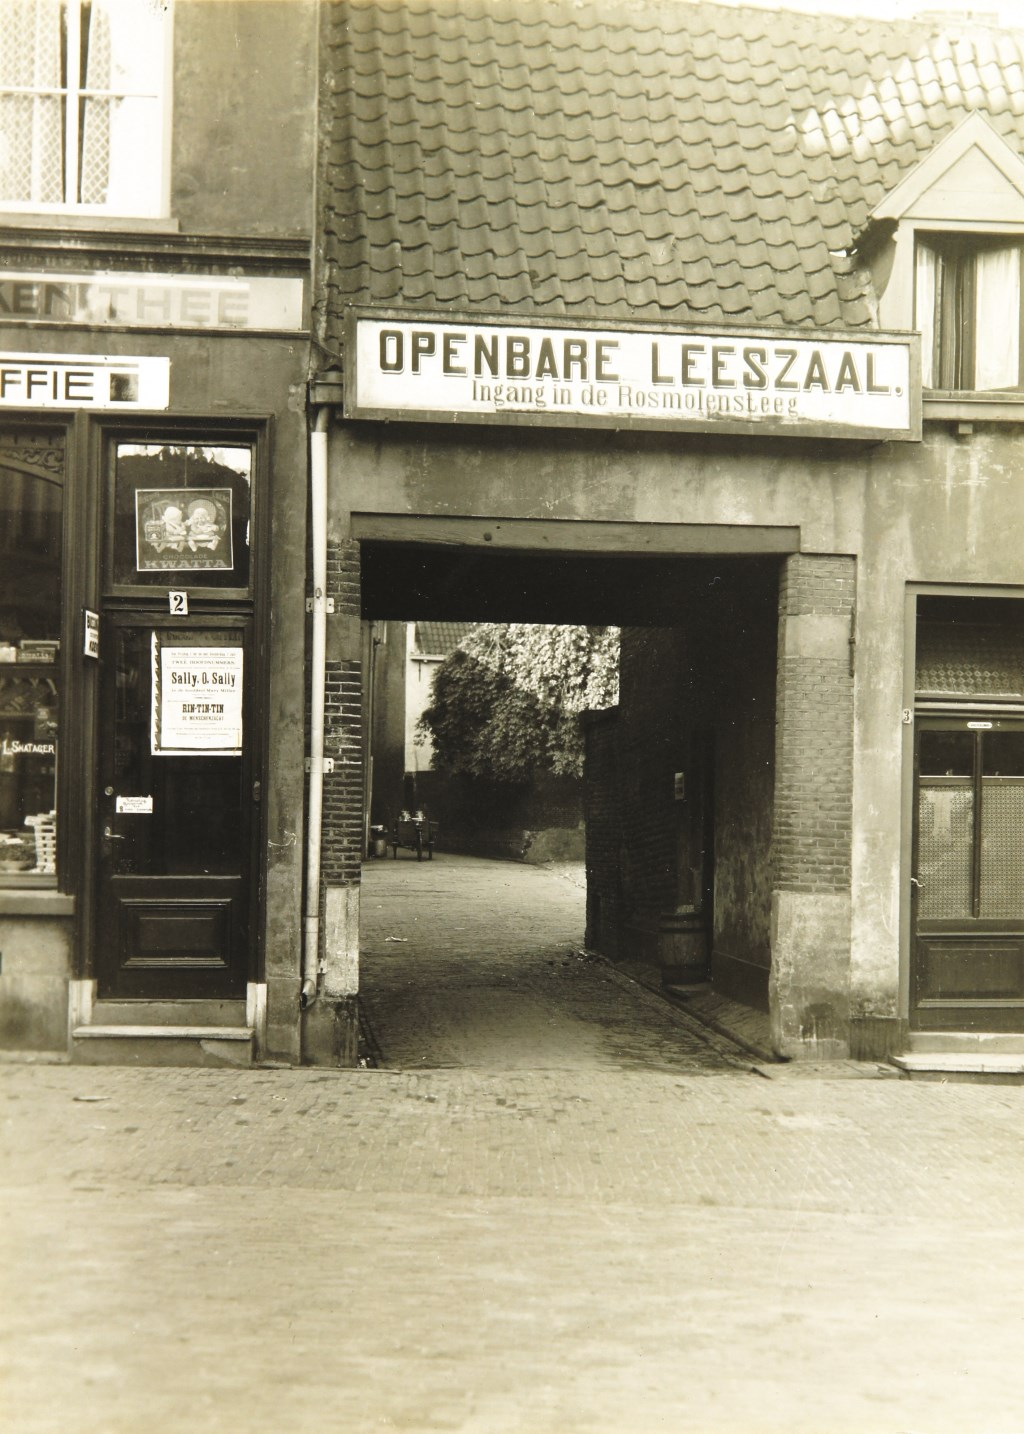 Ingang naar de openbare leeszaal in de Rosmolensteeg rond 1908. Foto: Erfgoedcentrum Zutphen  © Achterhoek Nieuws b.v.